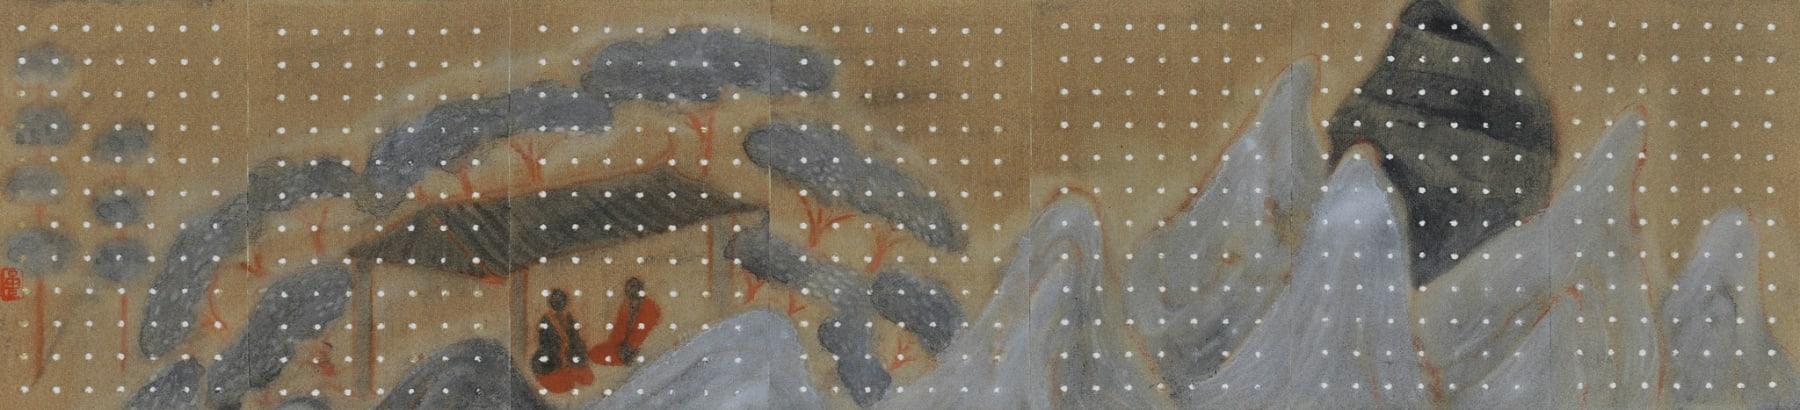 Zhang Yanzi 章燕紫, Road (1/5) 路 (1/5), 2014